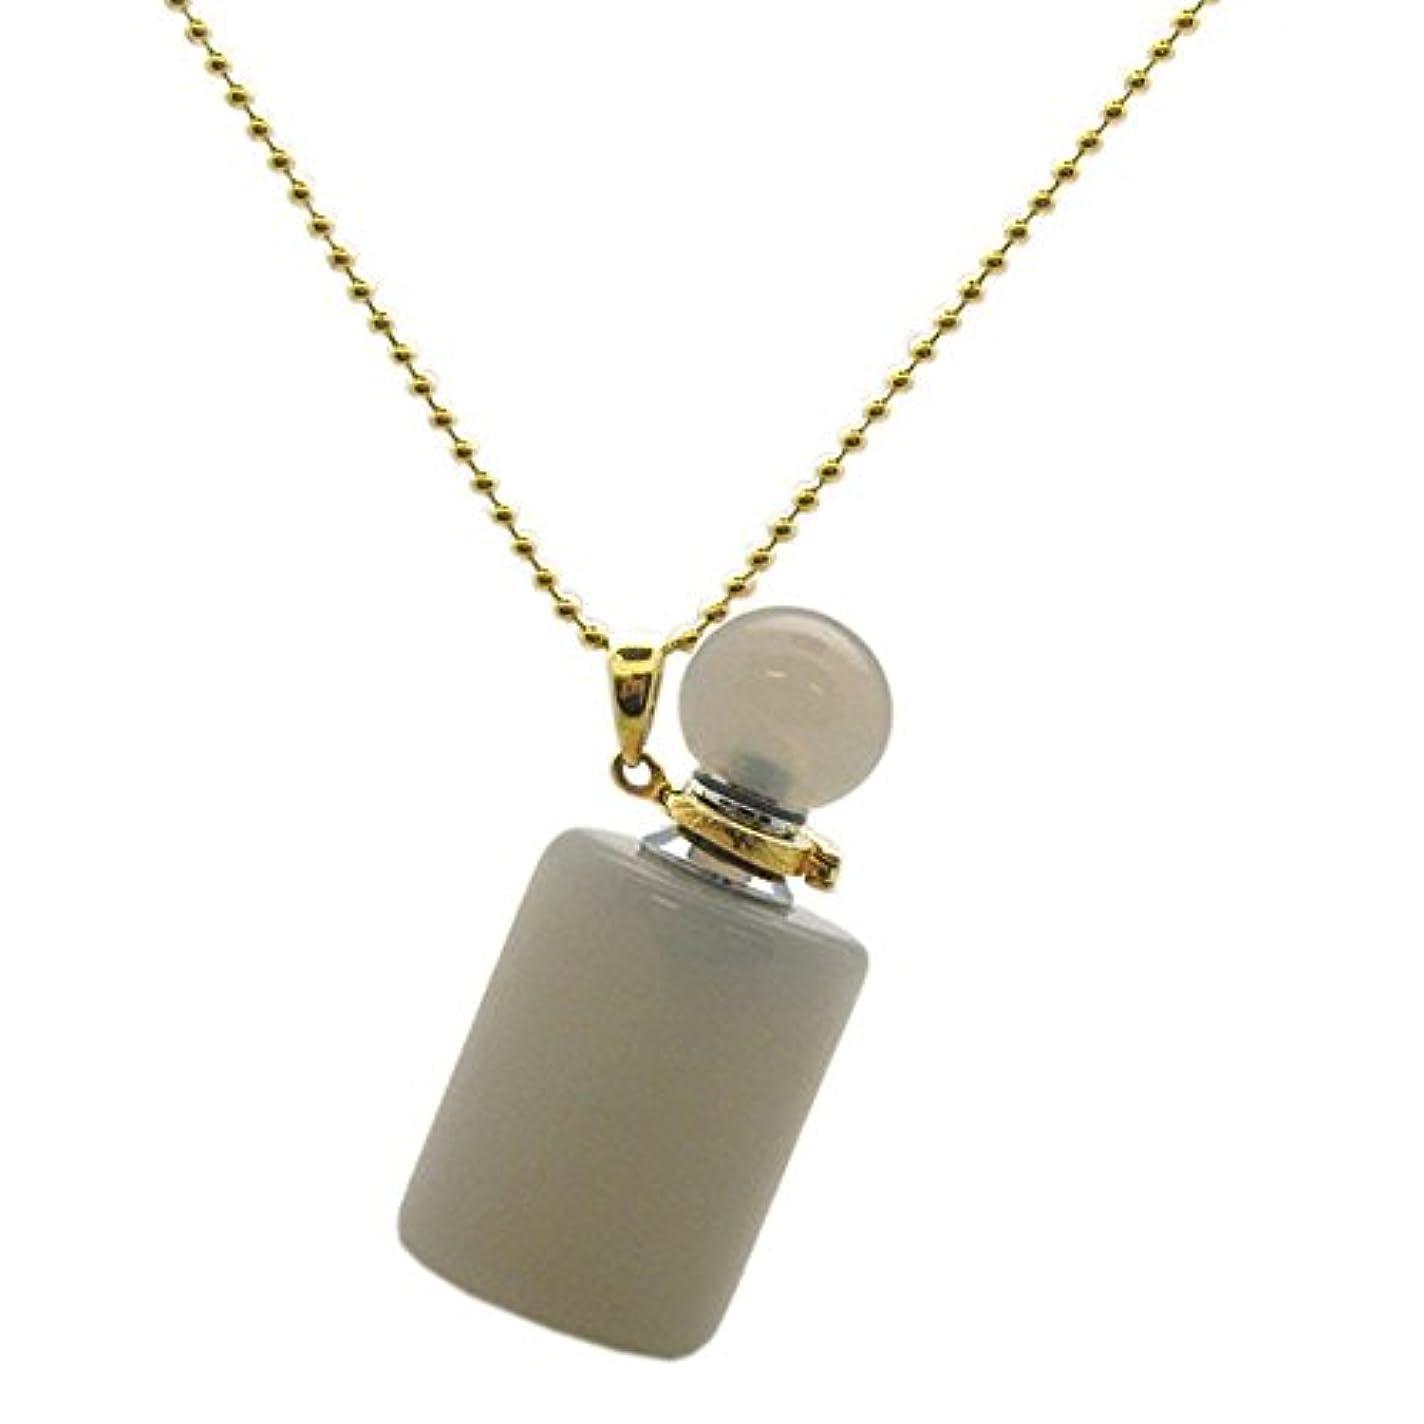 ペインギリック保存神経障害ケイトAvenue Gold over Sterling Silver Gemstone Aromatherapy Essential Oil Diffuserネックレス、香水とMosquito Repellentネックレス...